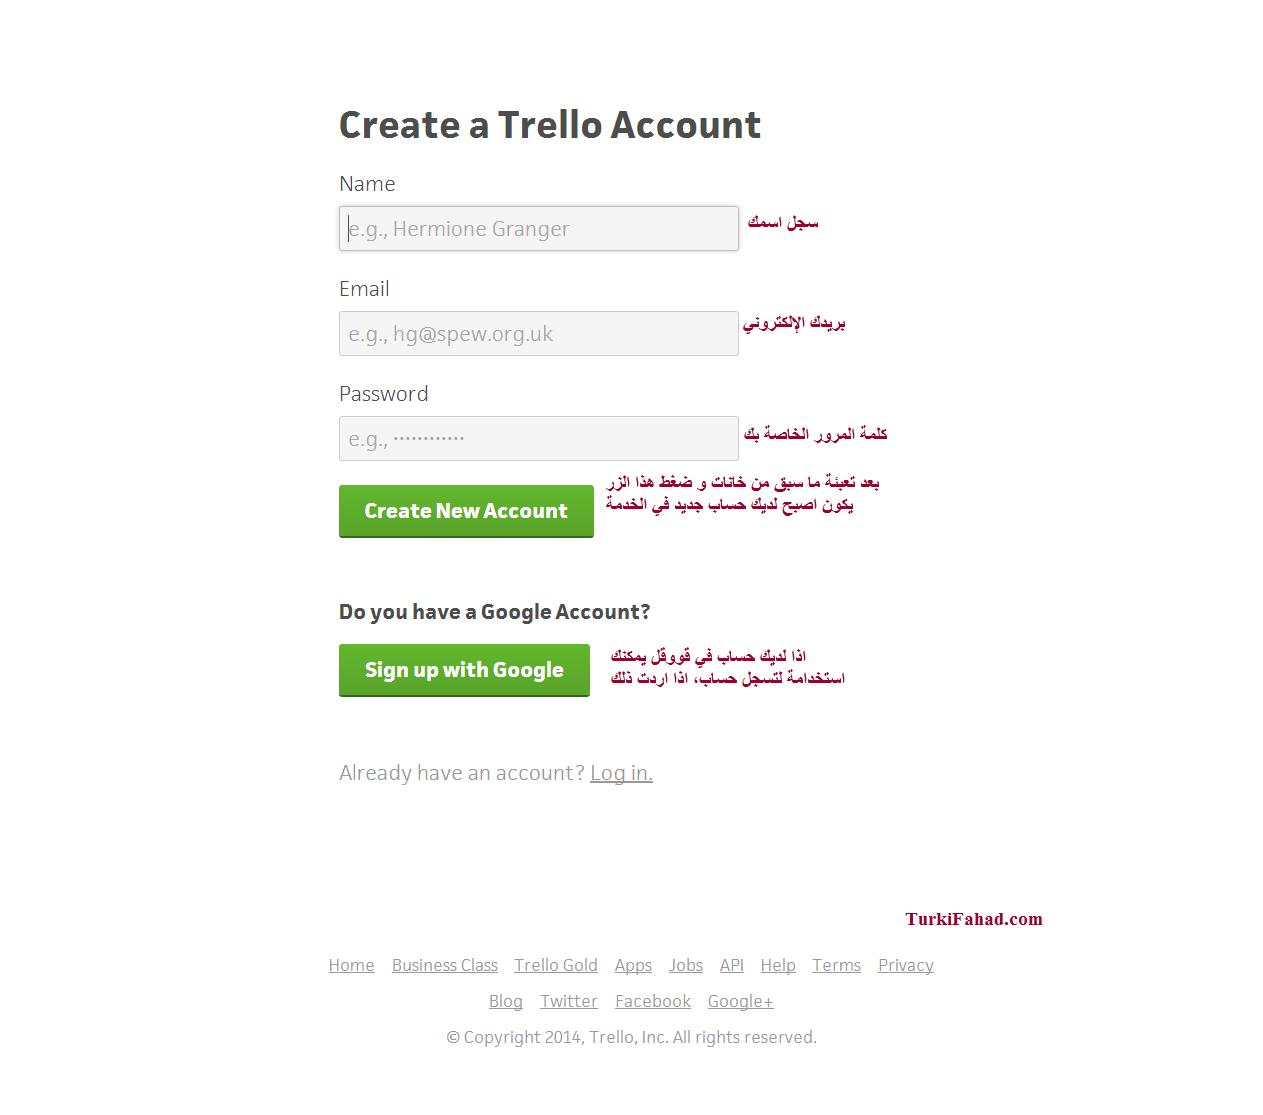 صفحة تسجيل حساب جديد لخدمة Trello